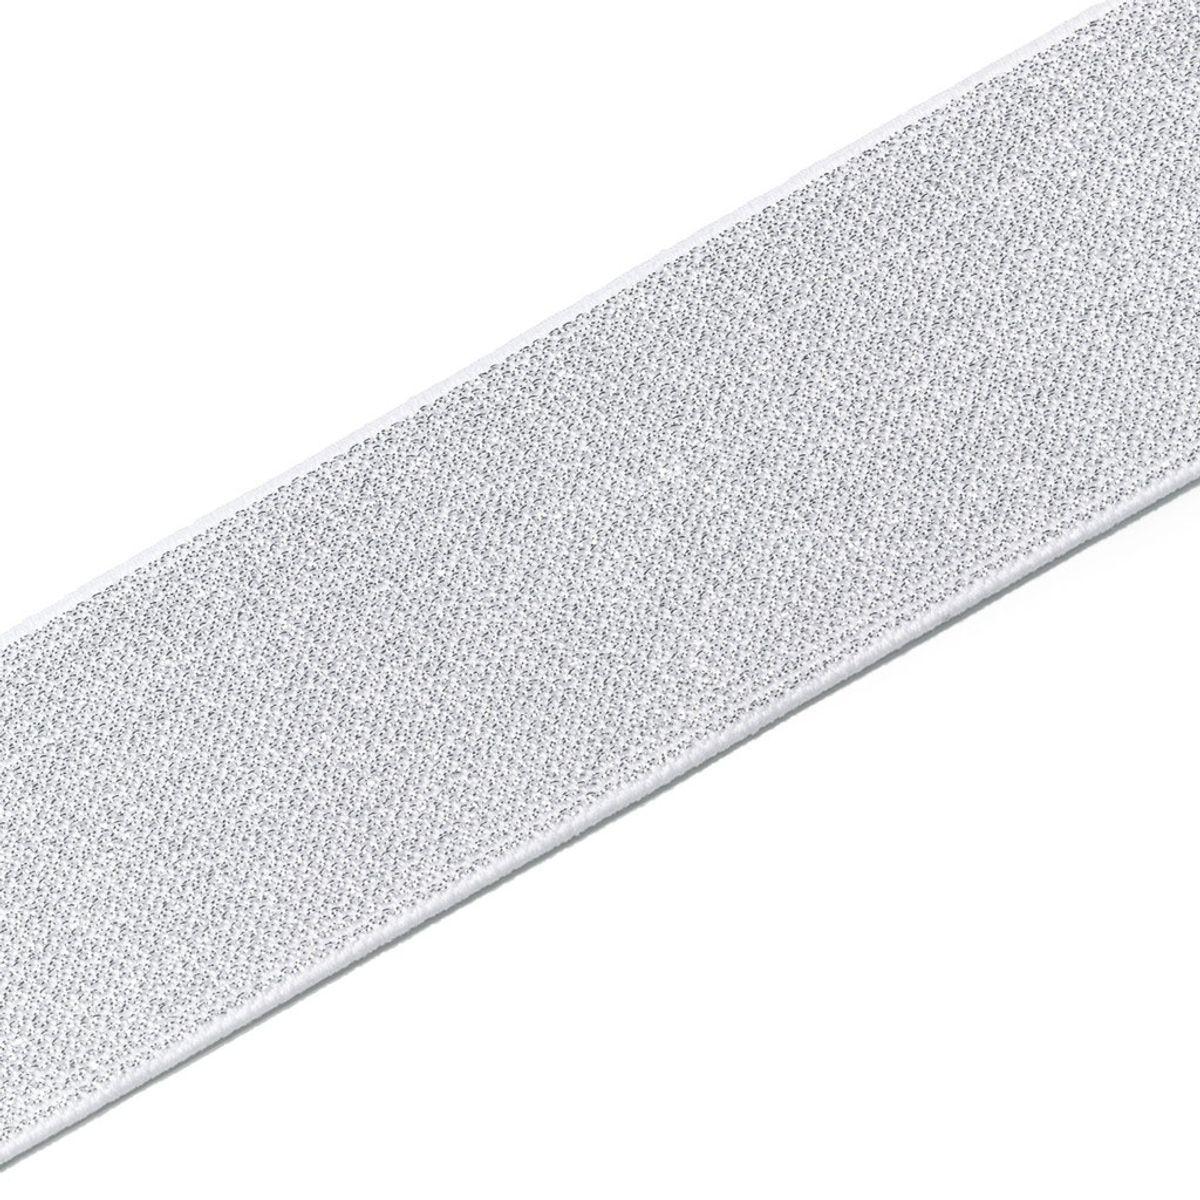 Elastique Color blanc et argent 50 mm - Au mètre